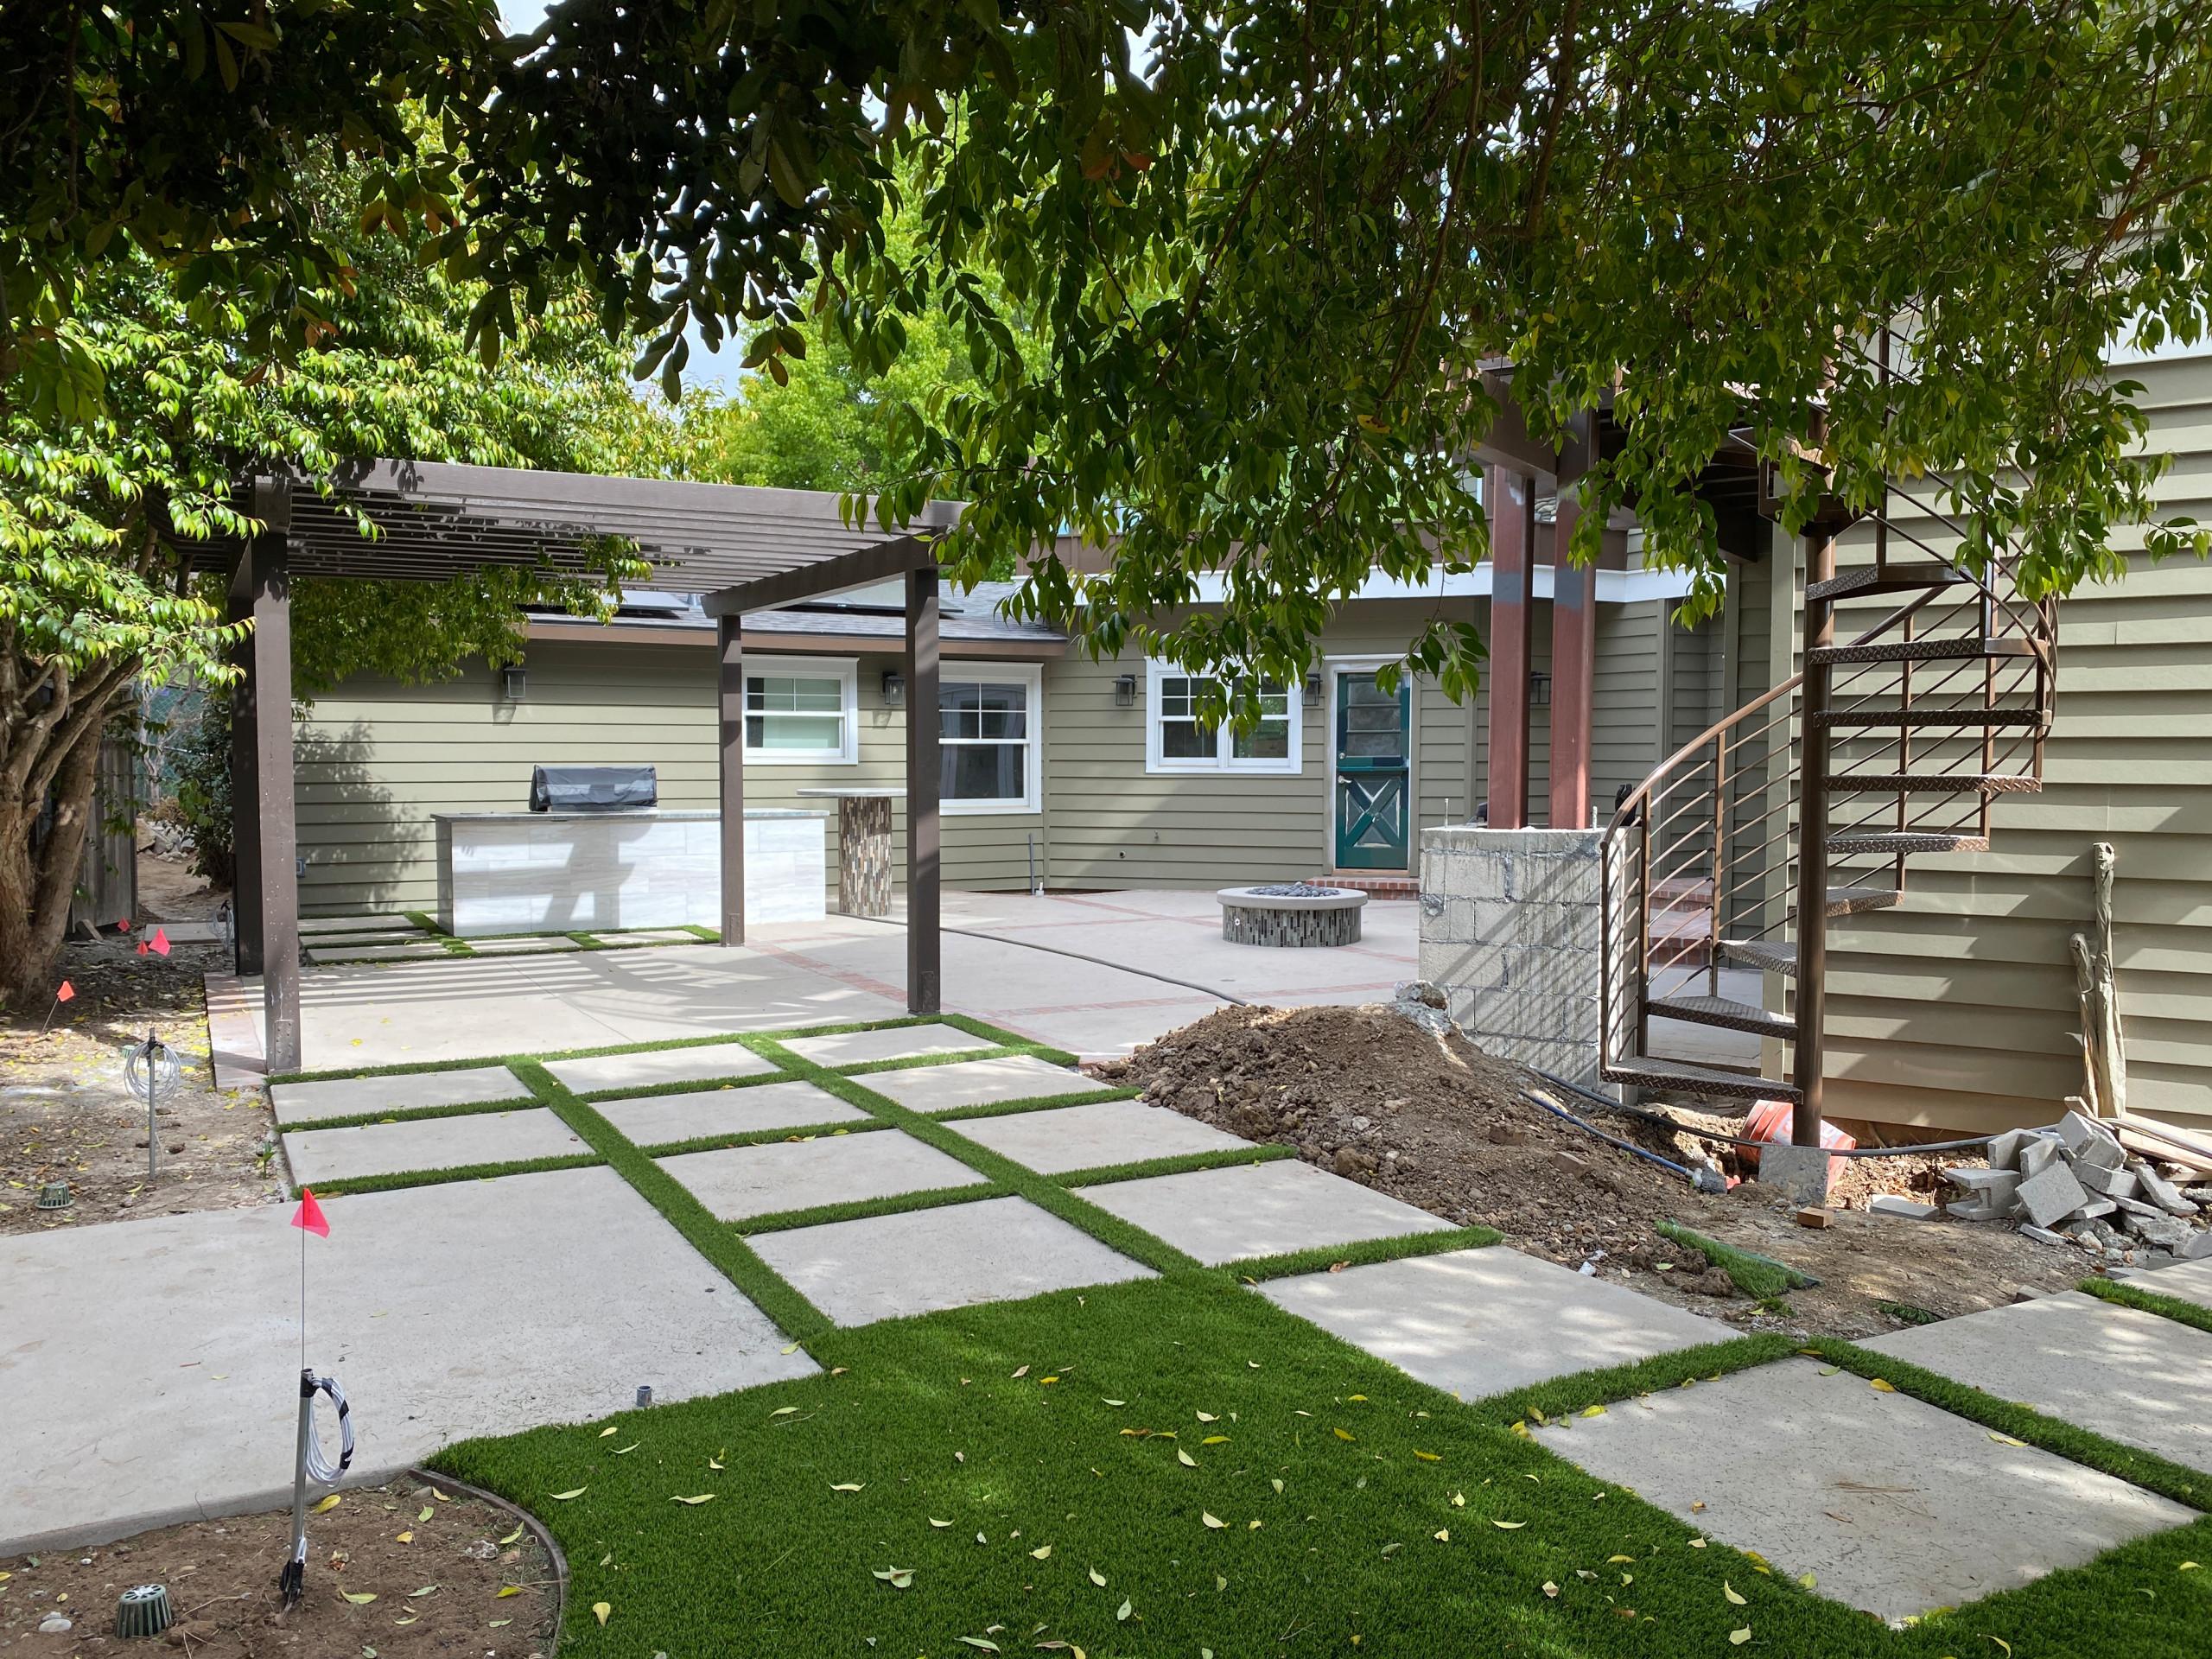 Installing Artificial Turf in Backyard in La Jolla Backyard